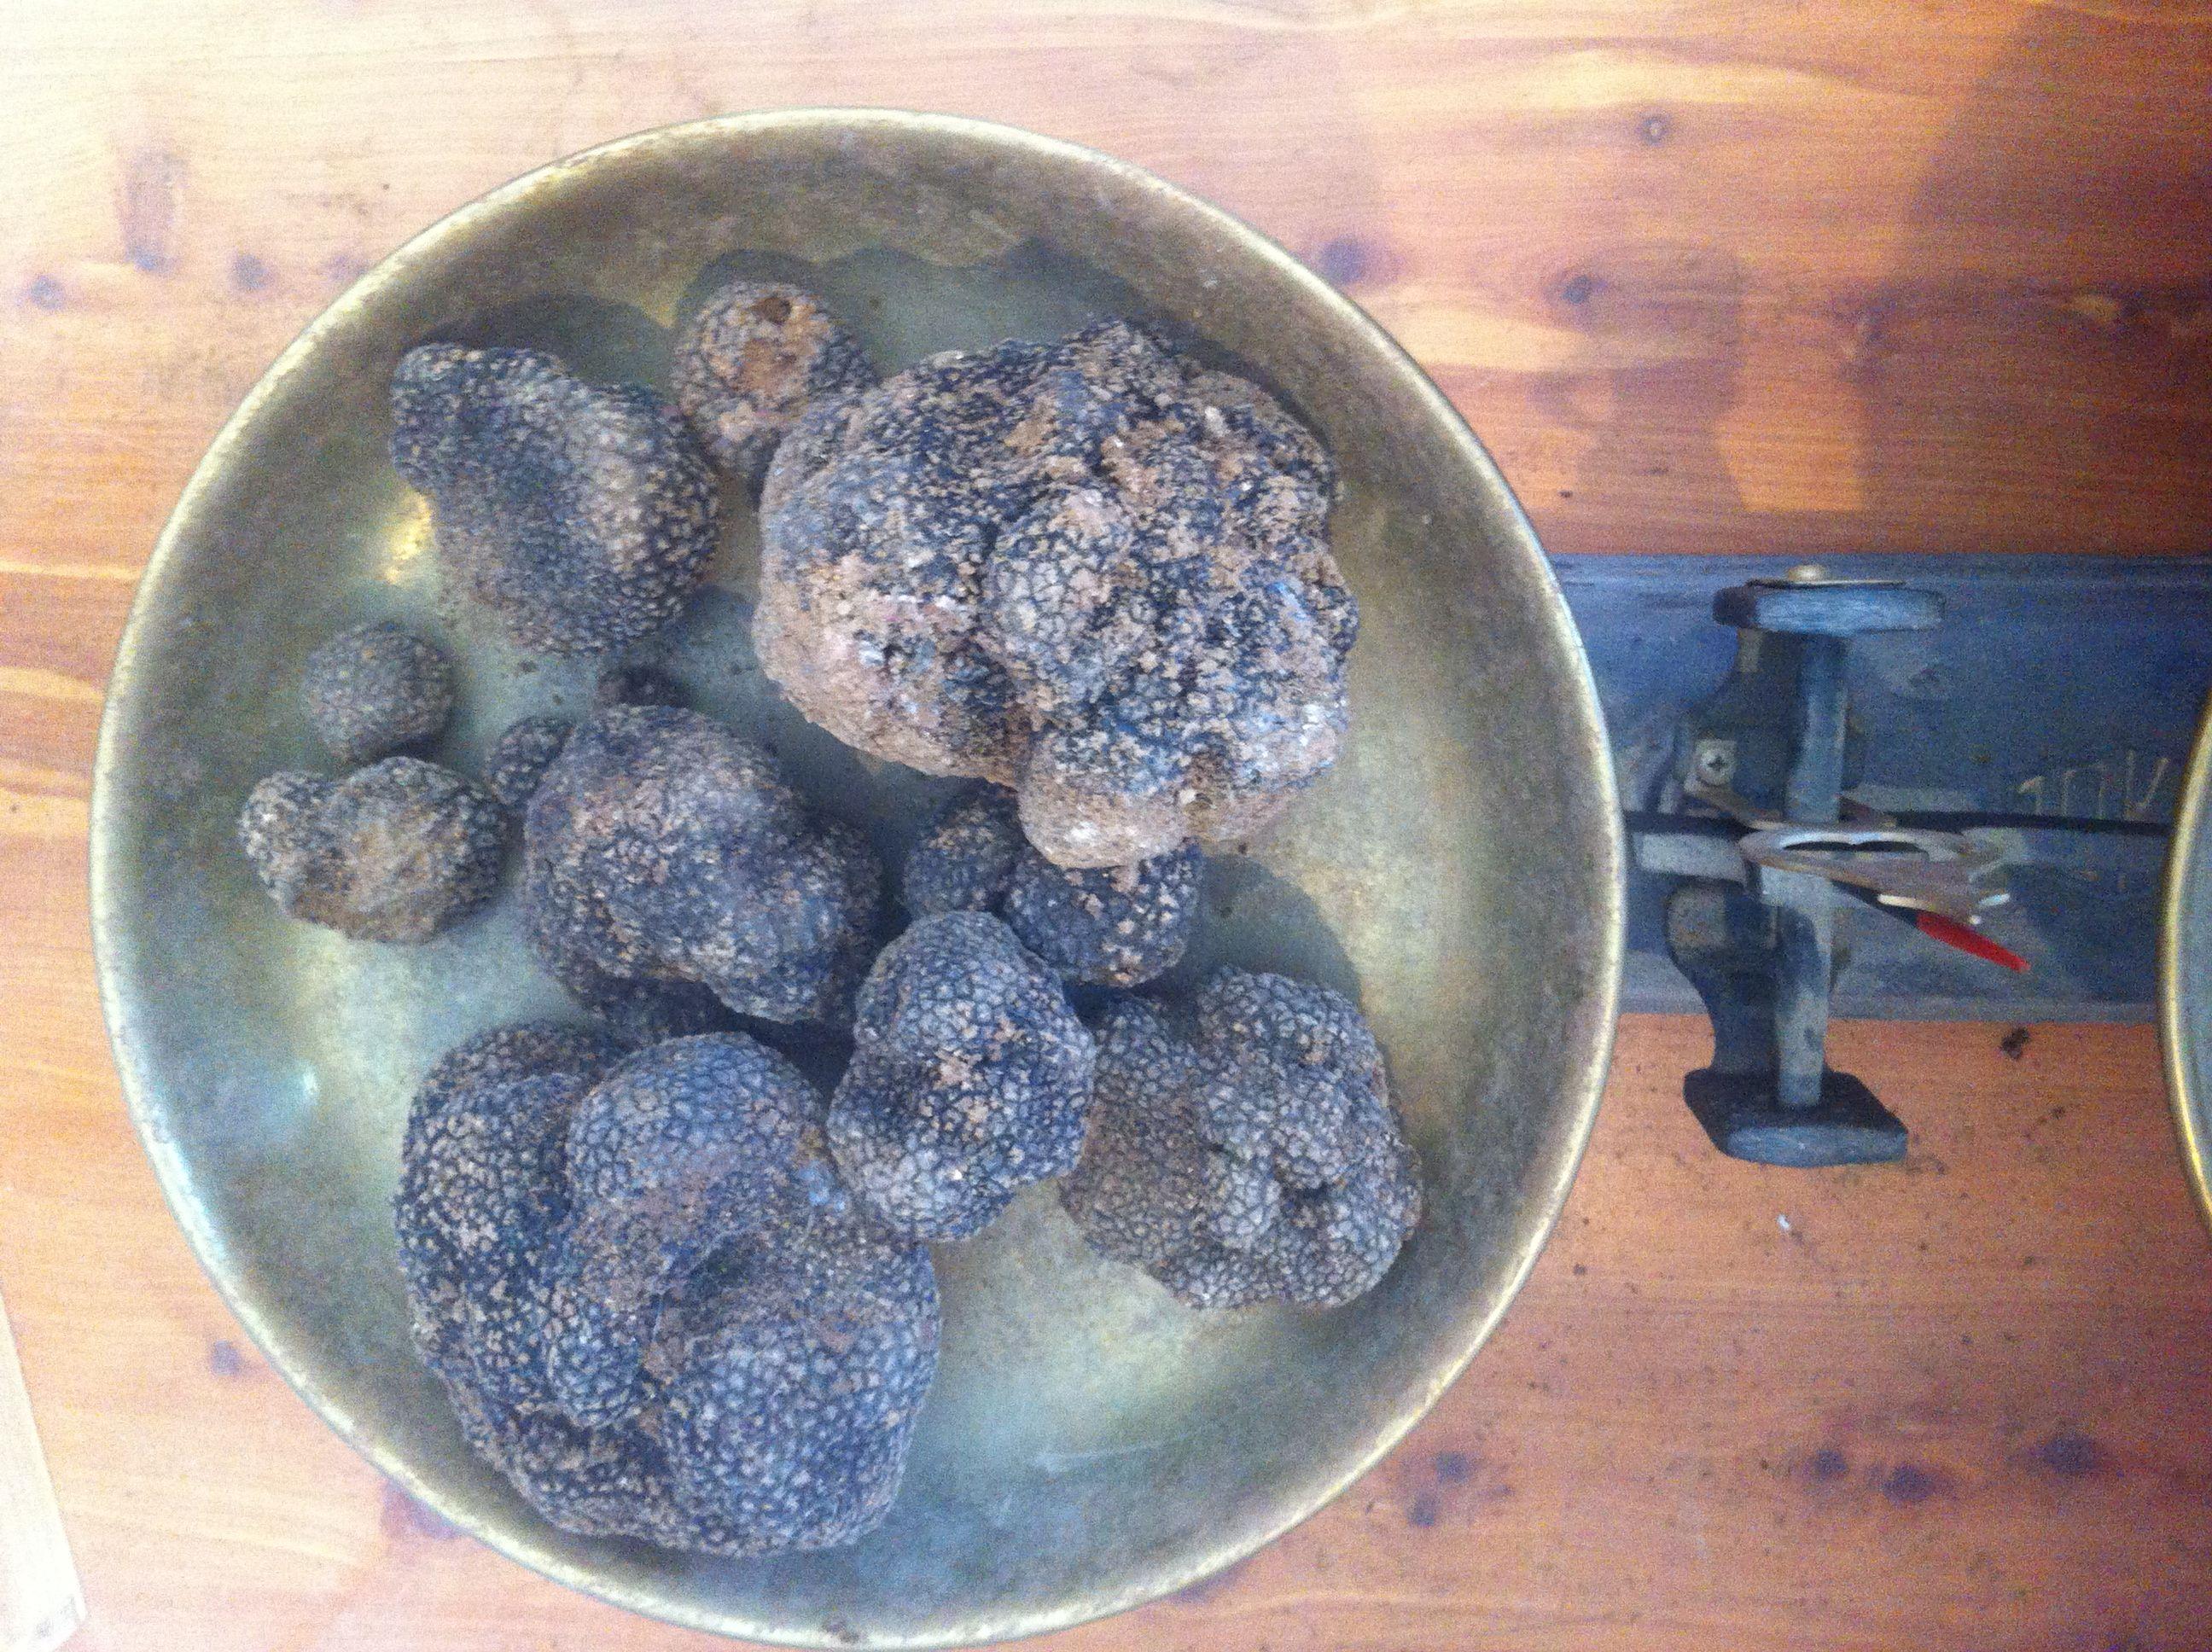 La Trufa Negra se caza, se come y se duerme. Tuber Melanosporum en Mora de Rubielos #trufiturismo #sienteteruel